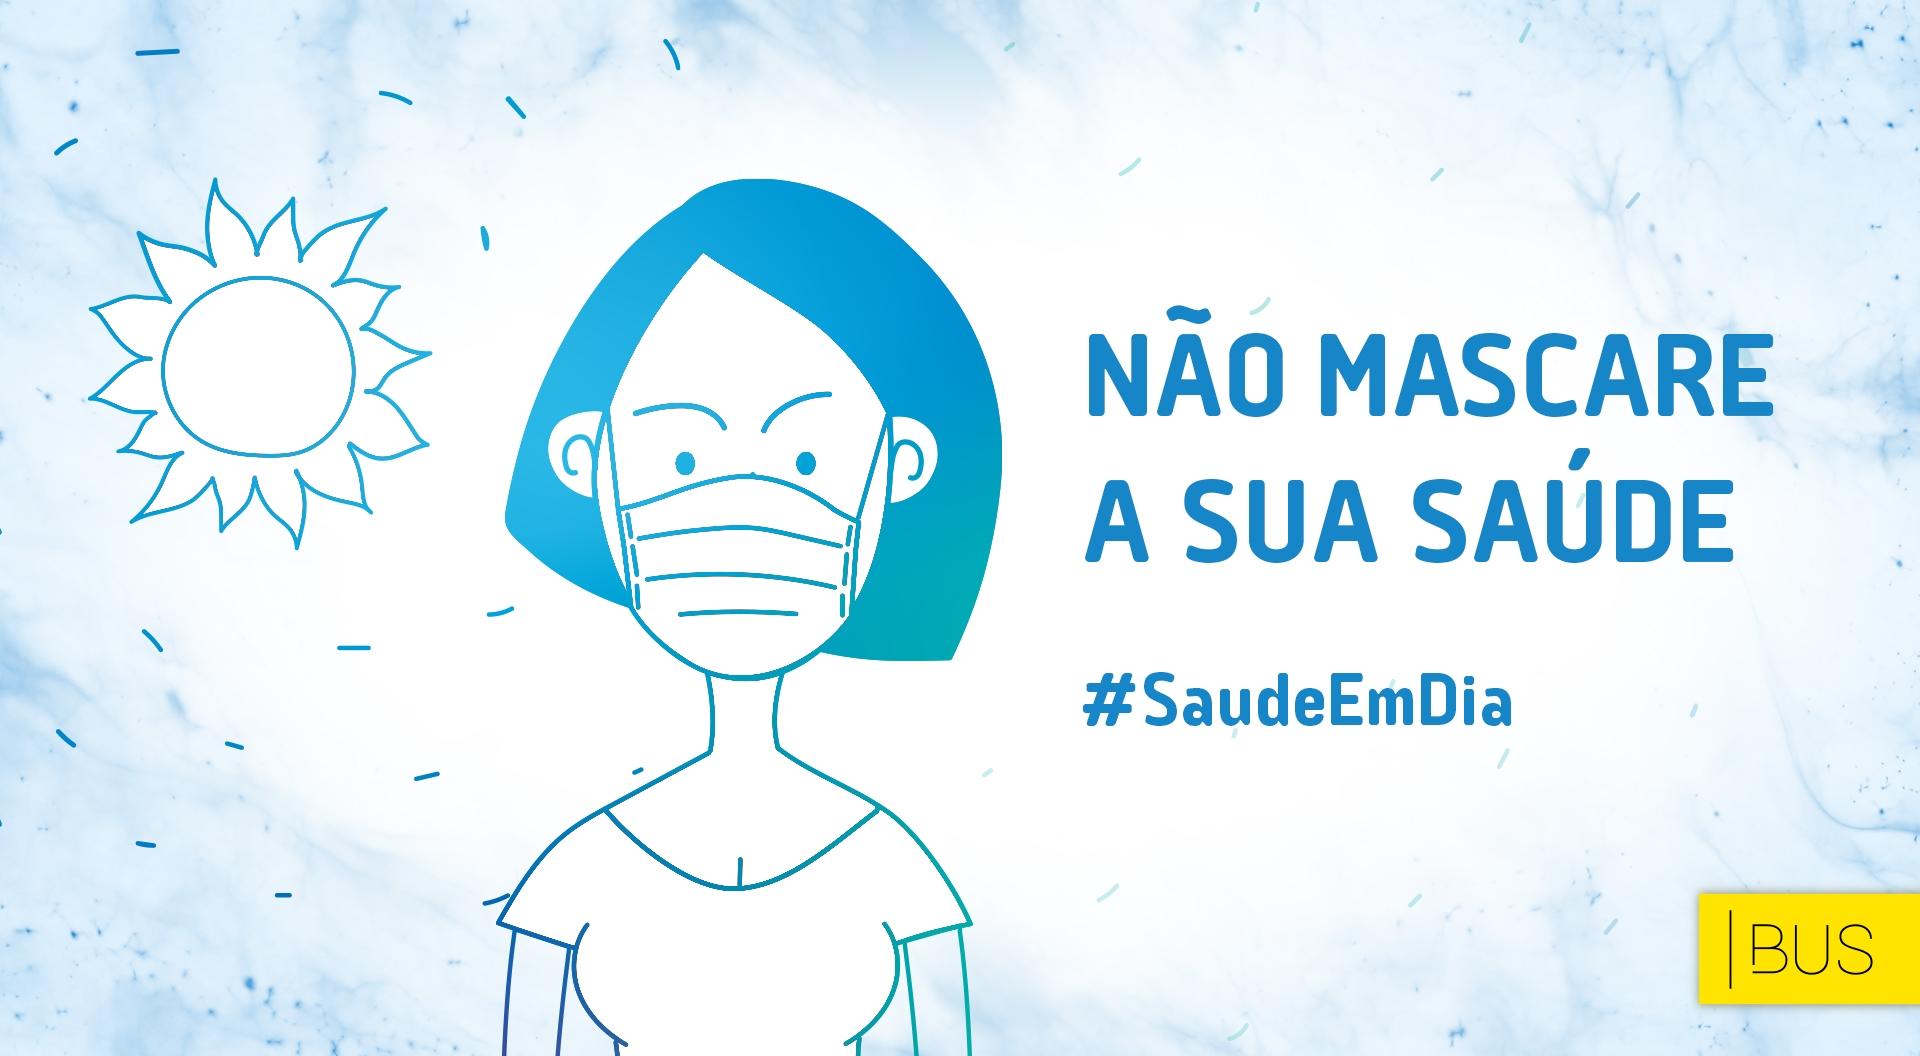 SaudeEmDia_BUS